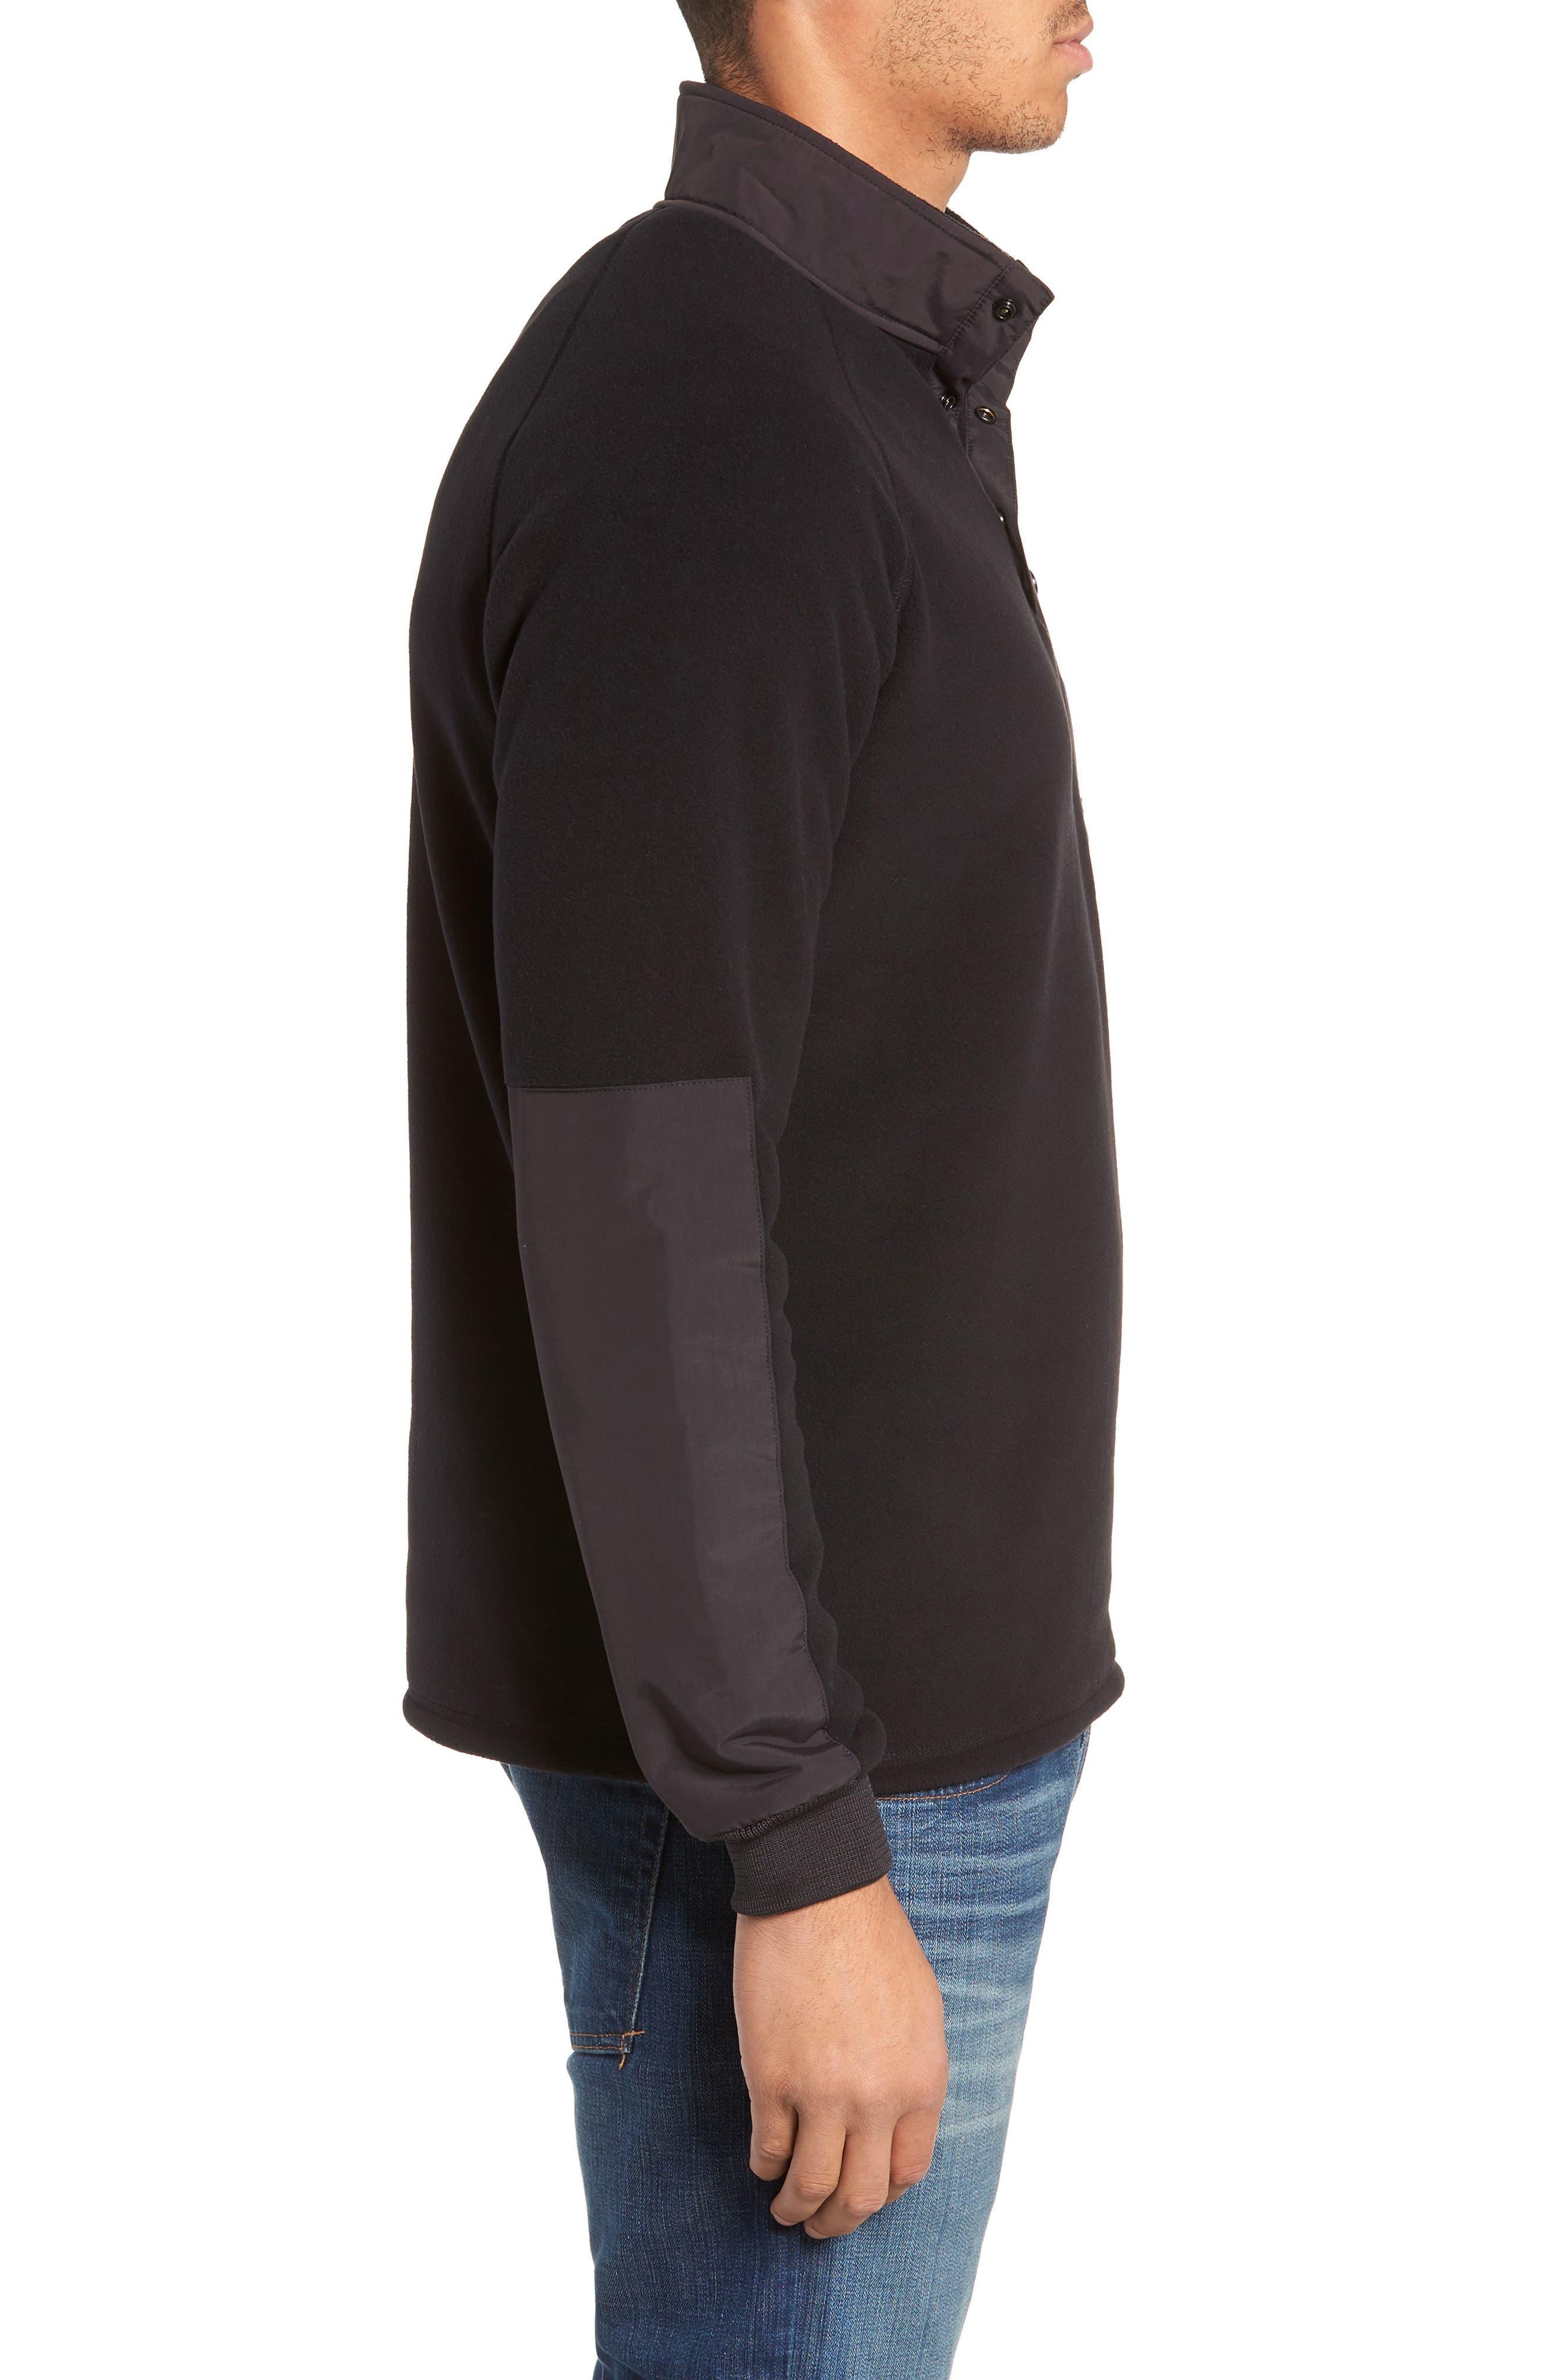 Mountain Fleece Pullover,                             Alternate thumbnail 3, color,                             BLACK